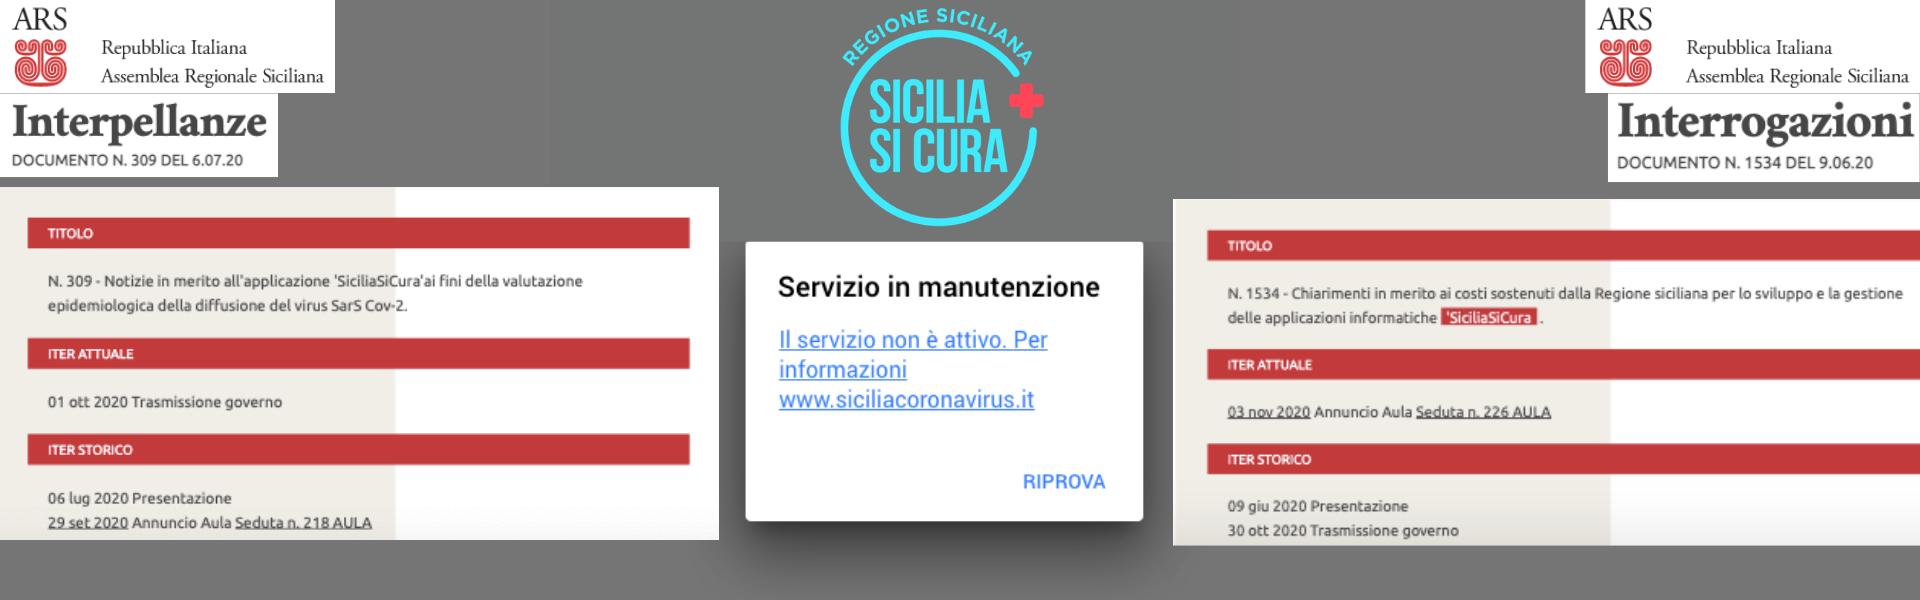 siciliasicura-1618925041.png